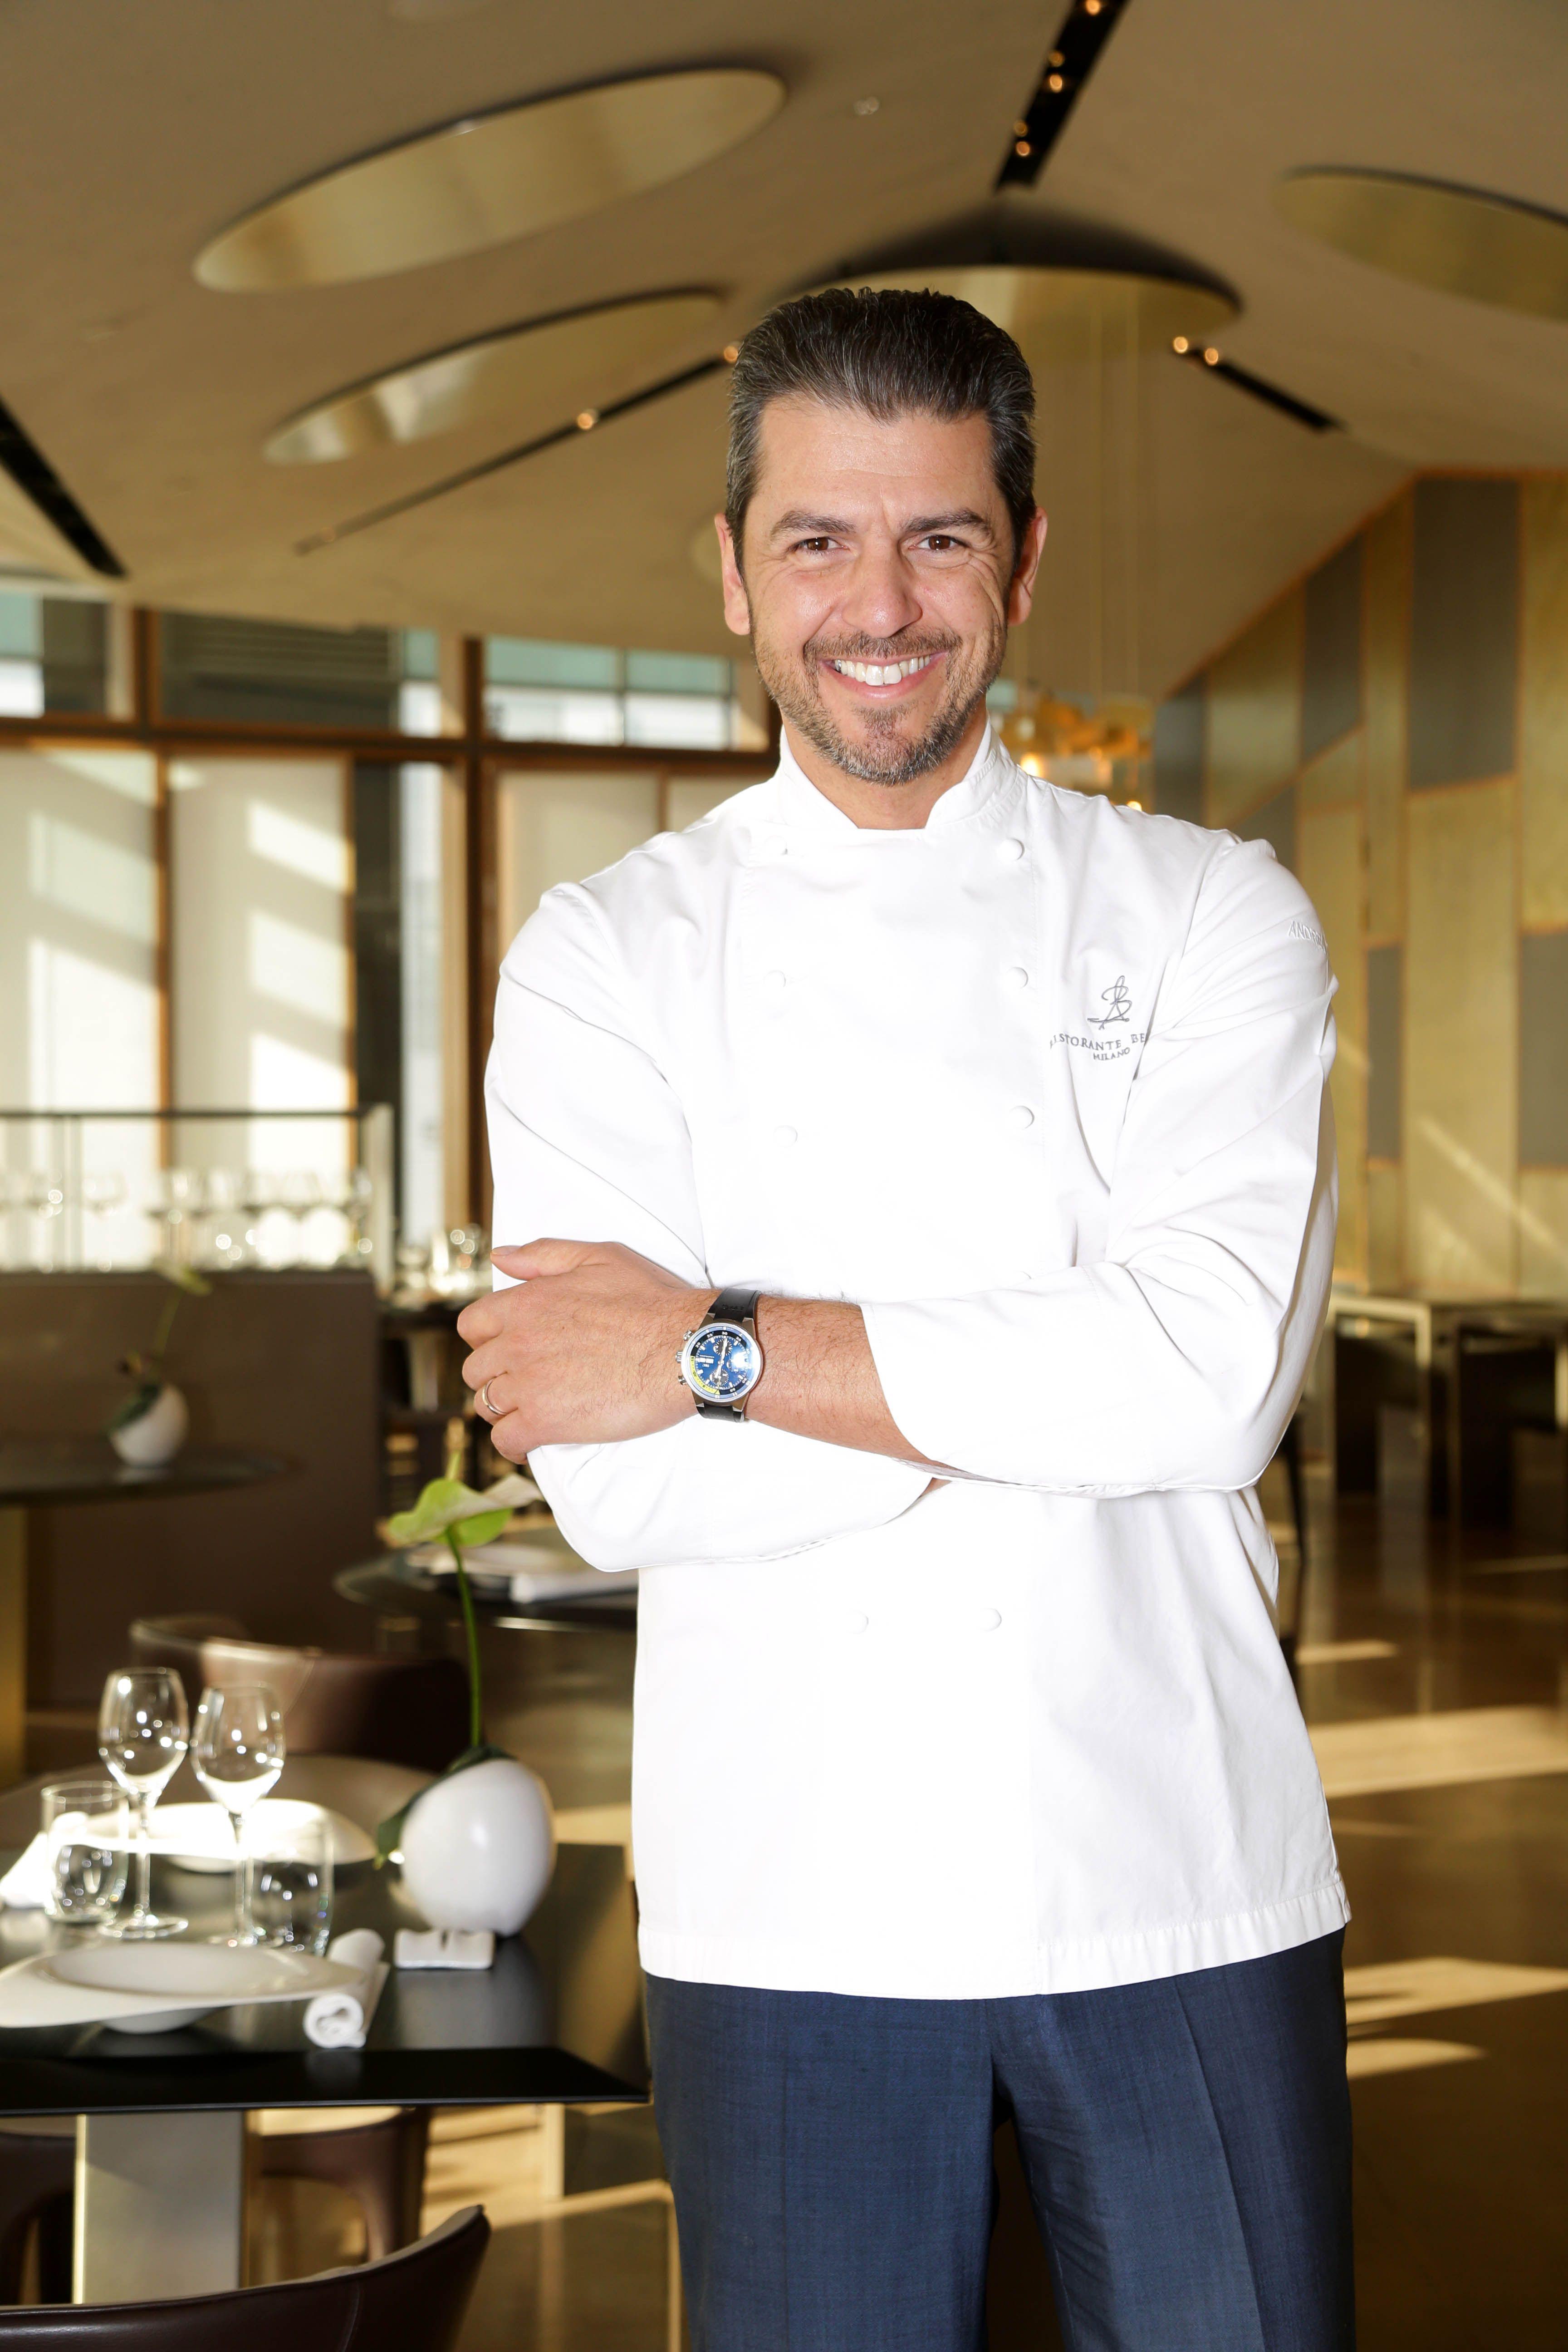 Andrea berton nel firmamento degli chef for Ristorante andrea berton